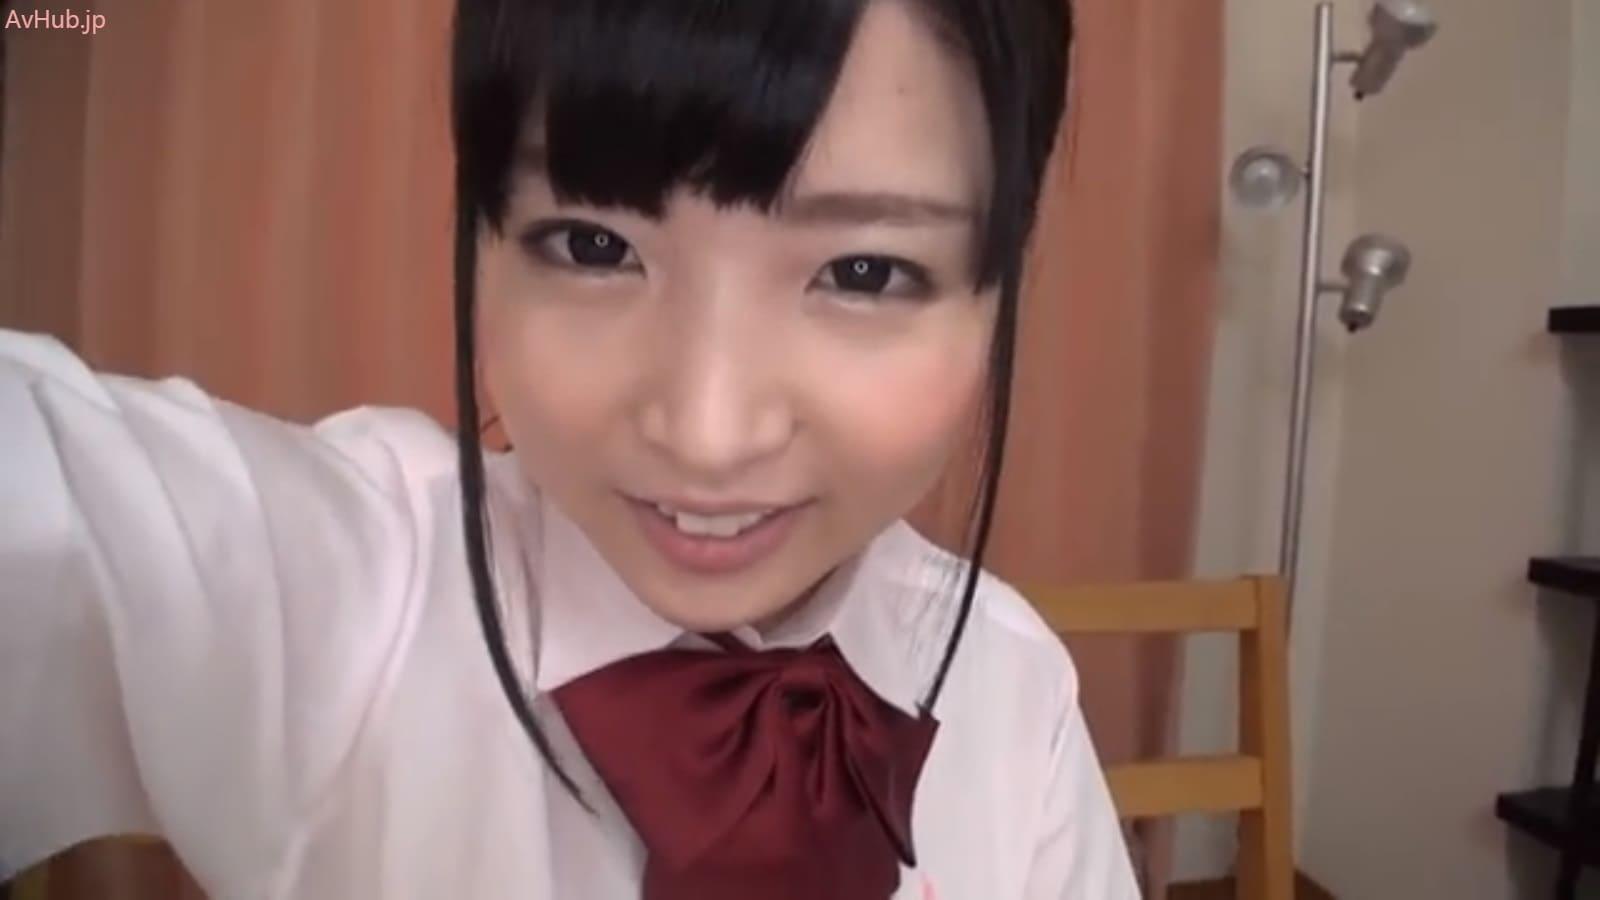 なごみは触覚ヘアが似合う可愛らしい顔立ちの女子校生